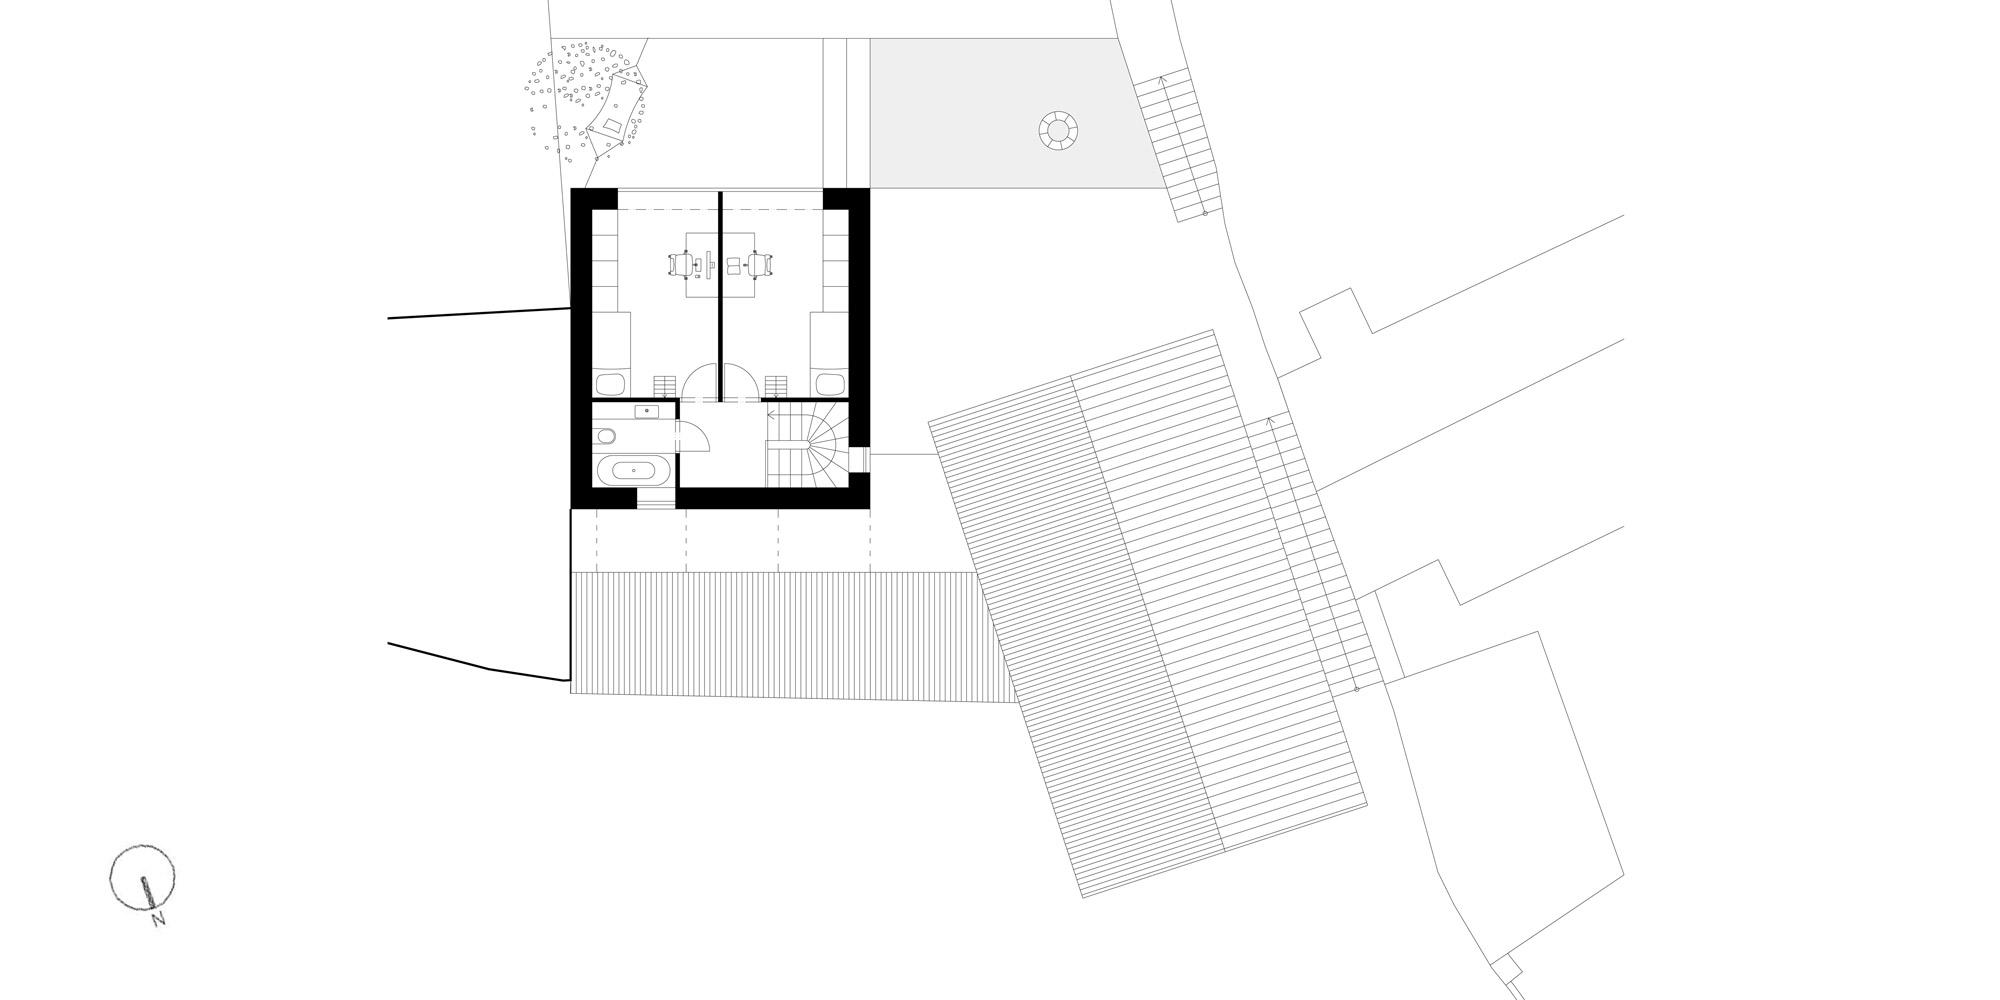 Pianta piano secondo © Atelier 111 architekti